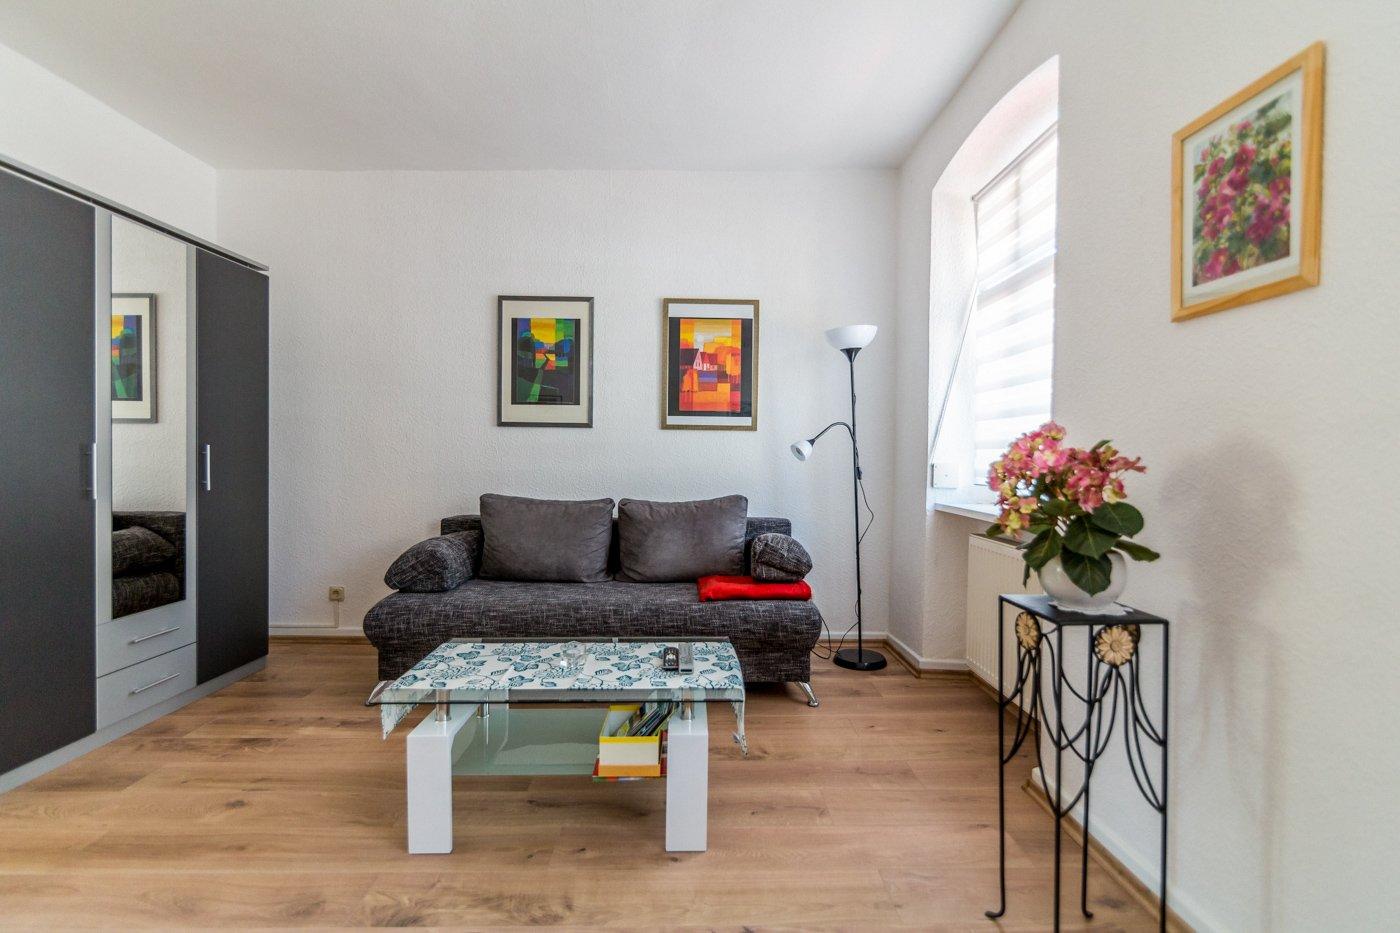 Helles Wohnzimmer mit grauer Couch und Schrank